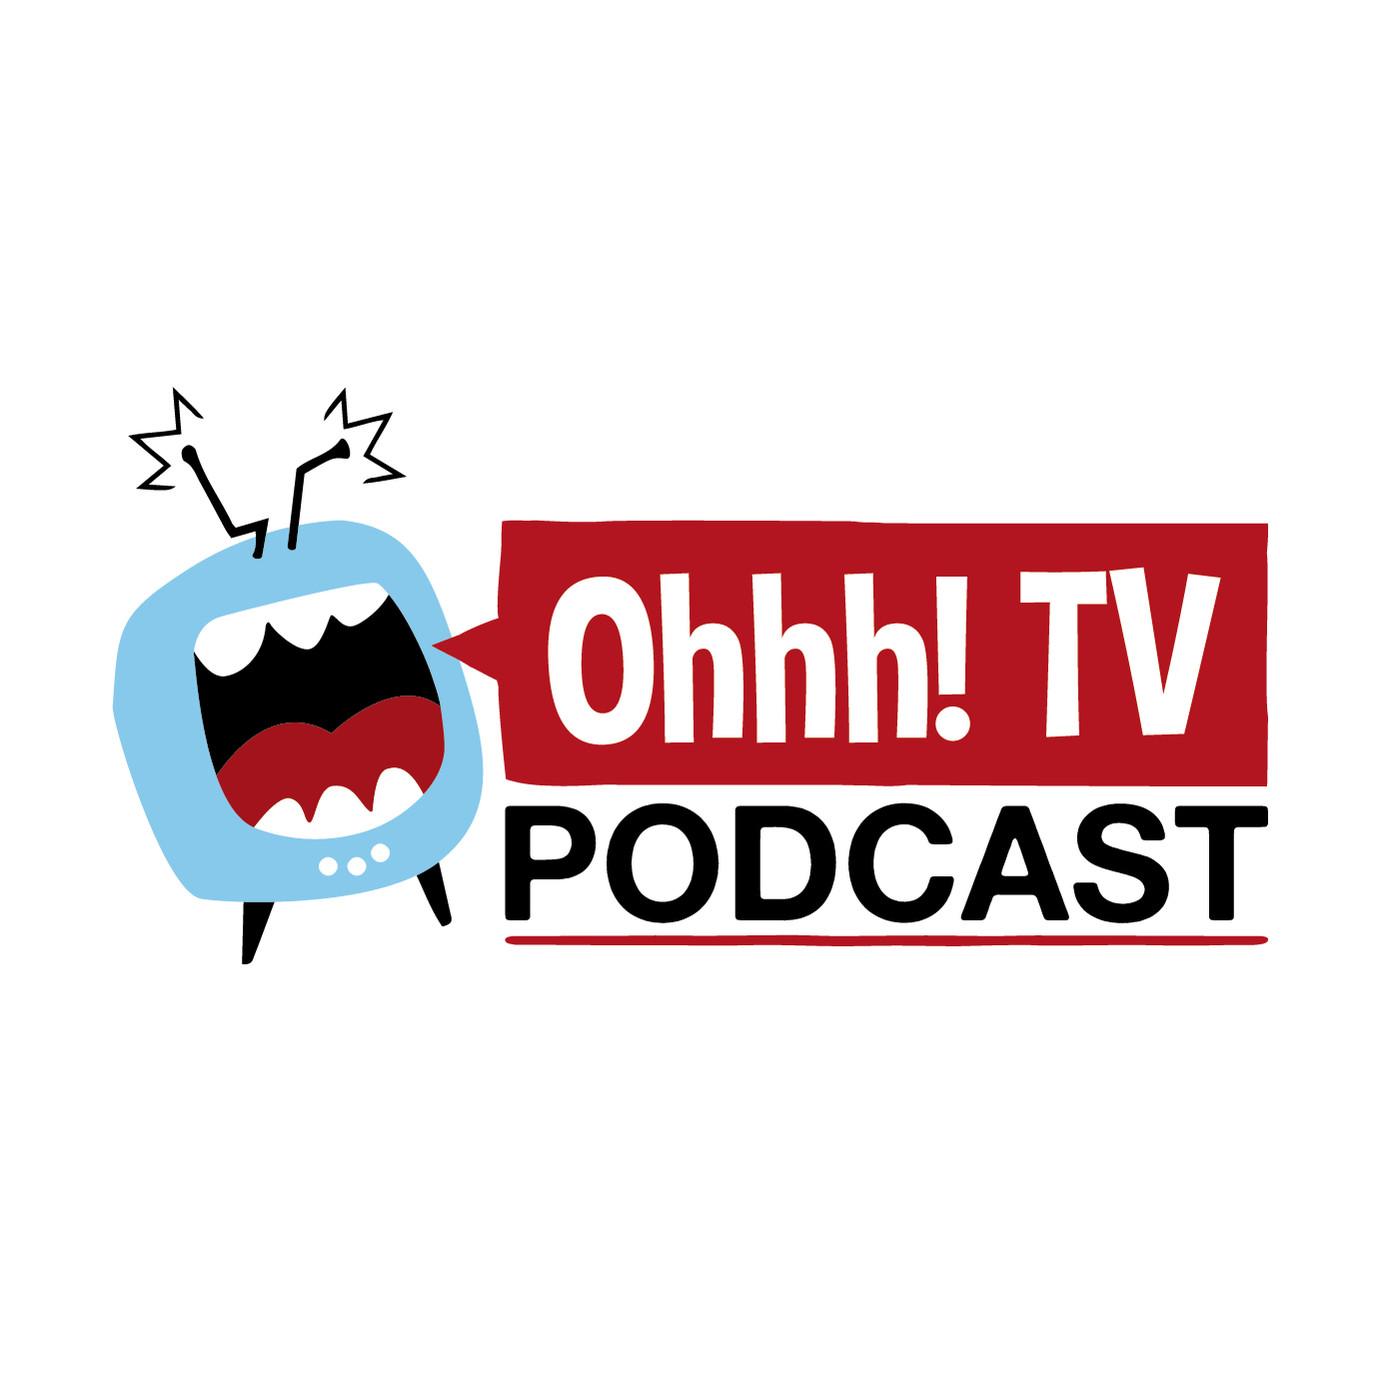 Temporada 01 - Ohhh! TV Podcast